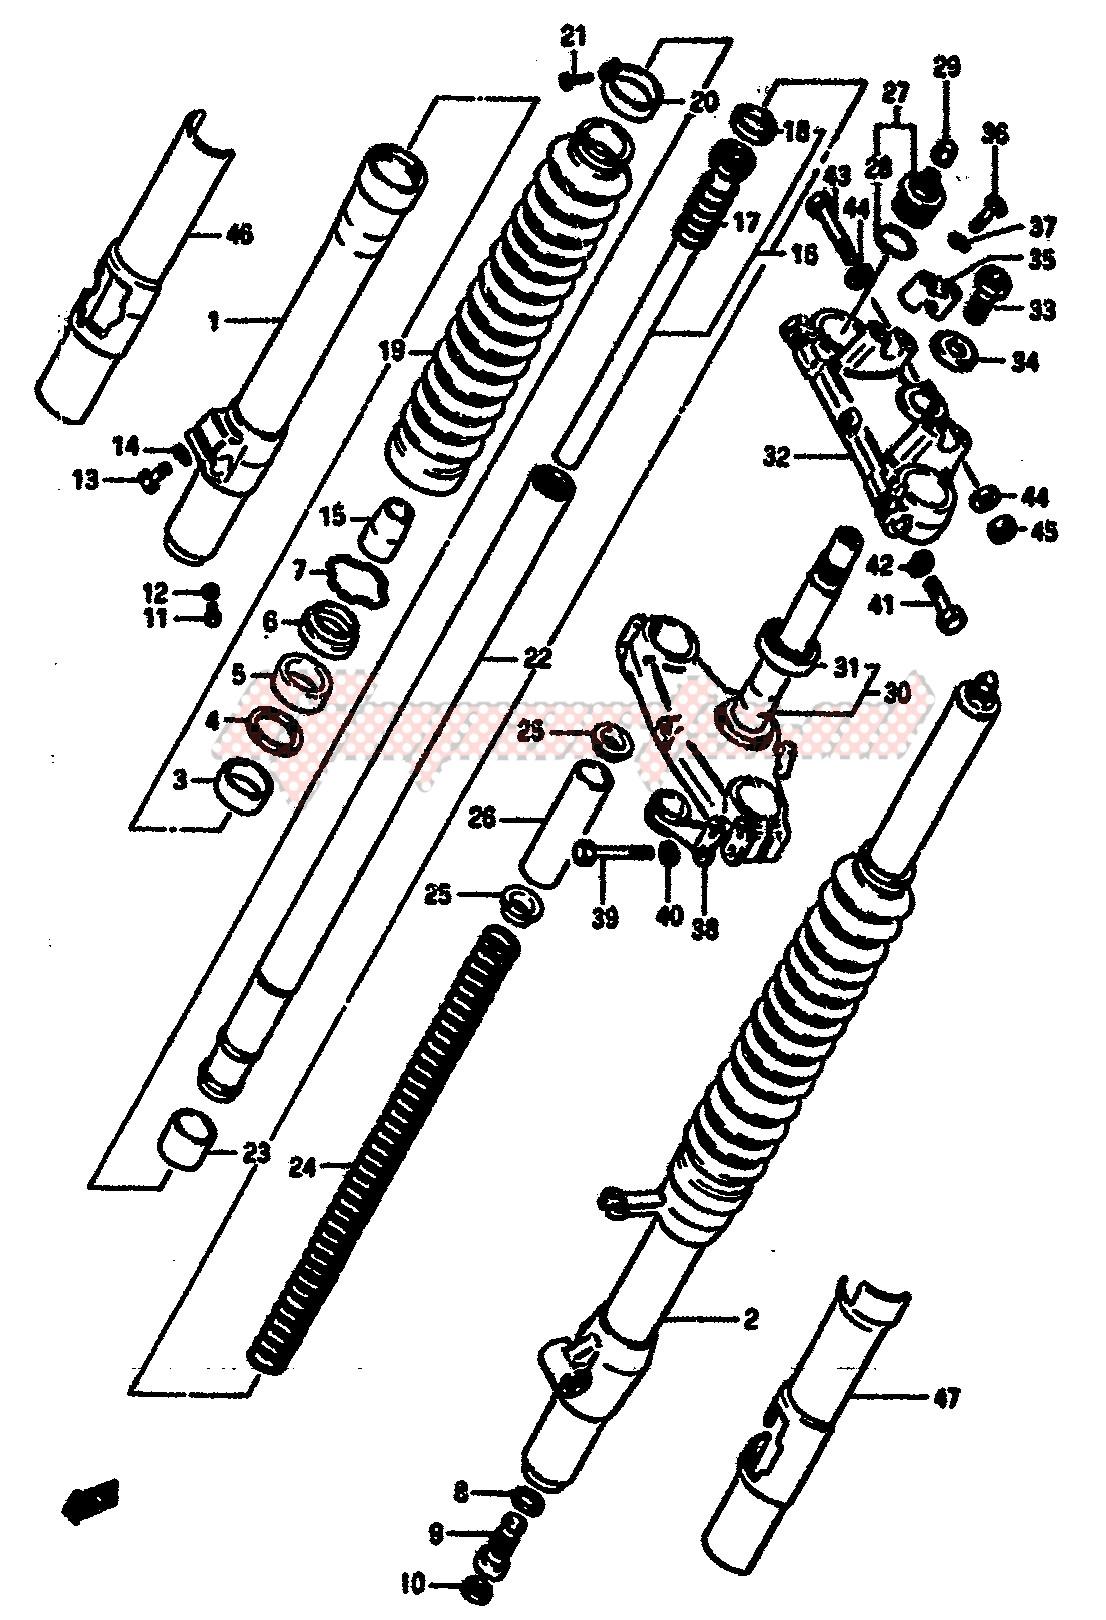 FRONT FORK (MODEL E) image